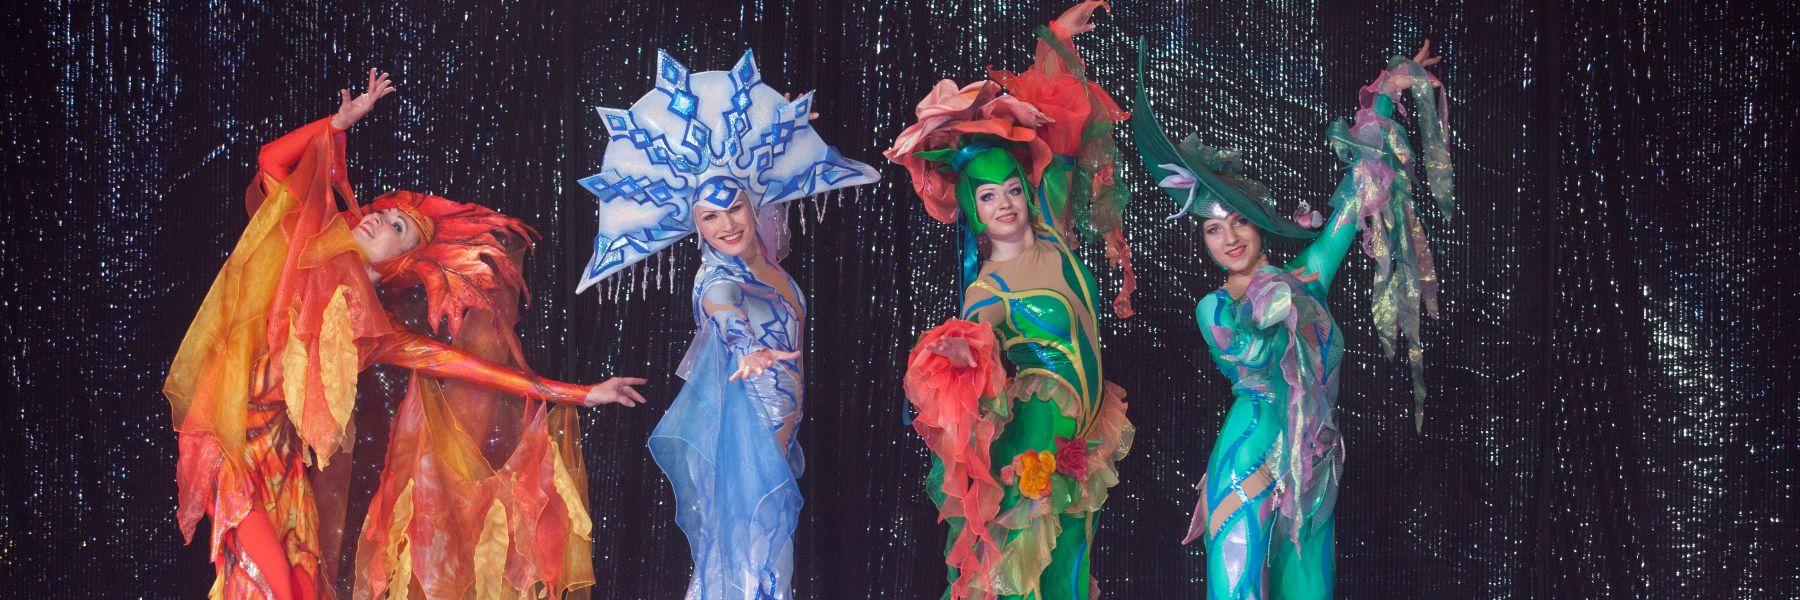 Moscow Circus of Yuri Nikulin - Ice Show